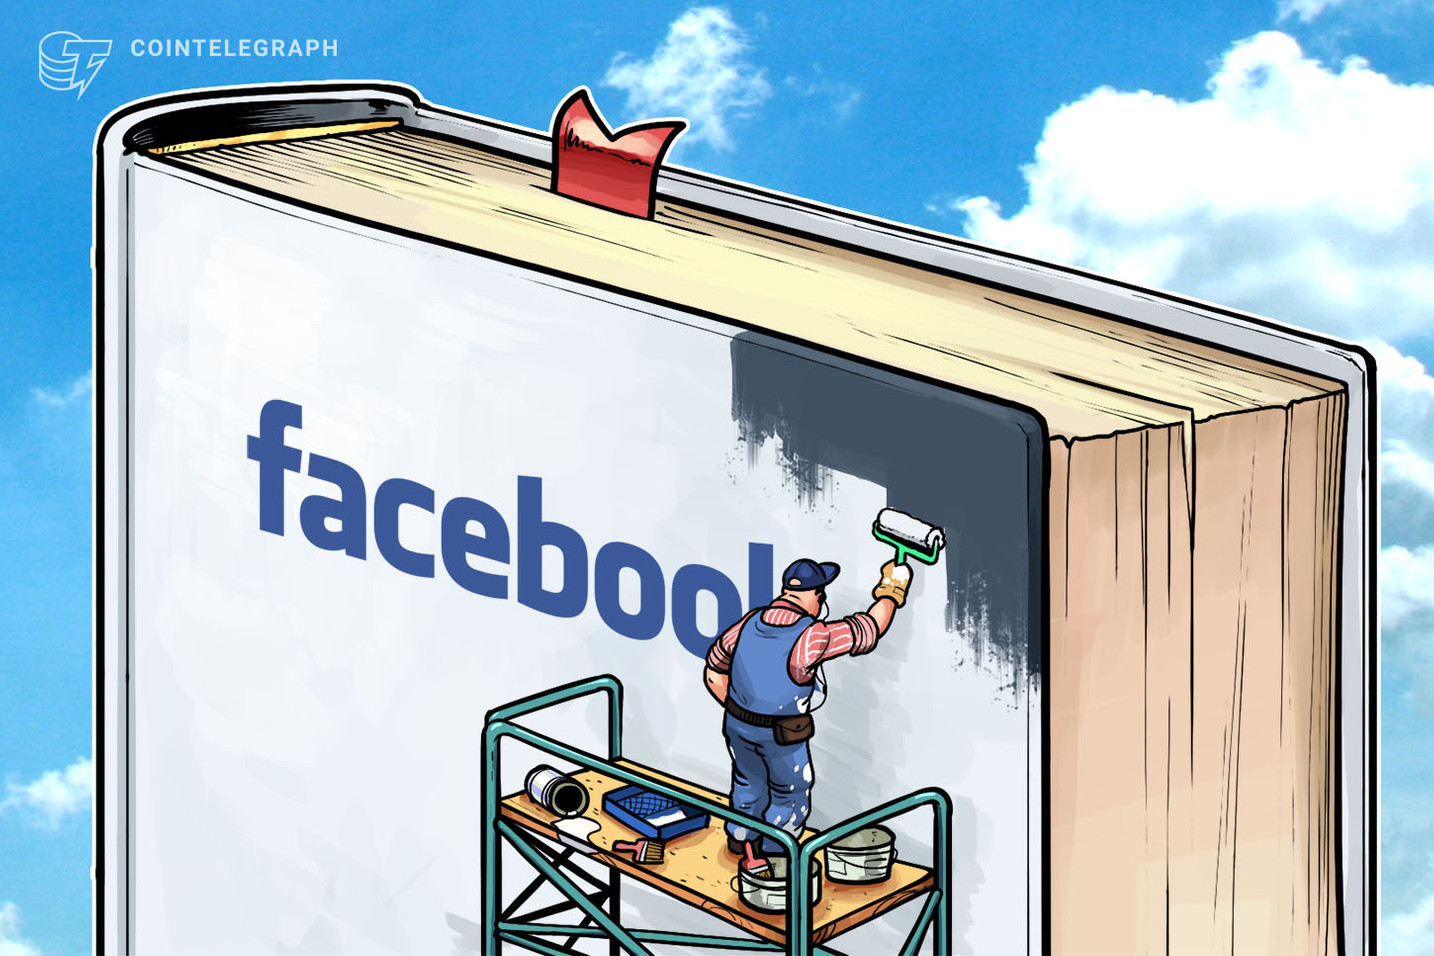 È ufficiale: Facebook pubblica il white paper della propria criptovaluta, si chiamerà Libra